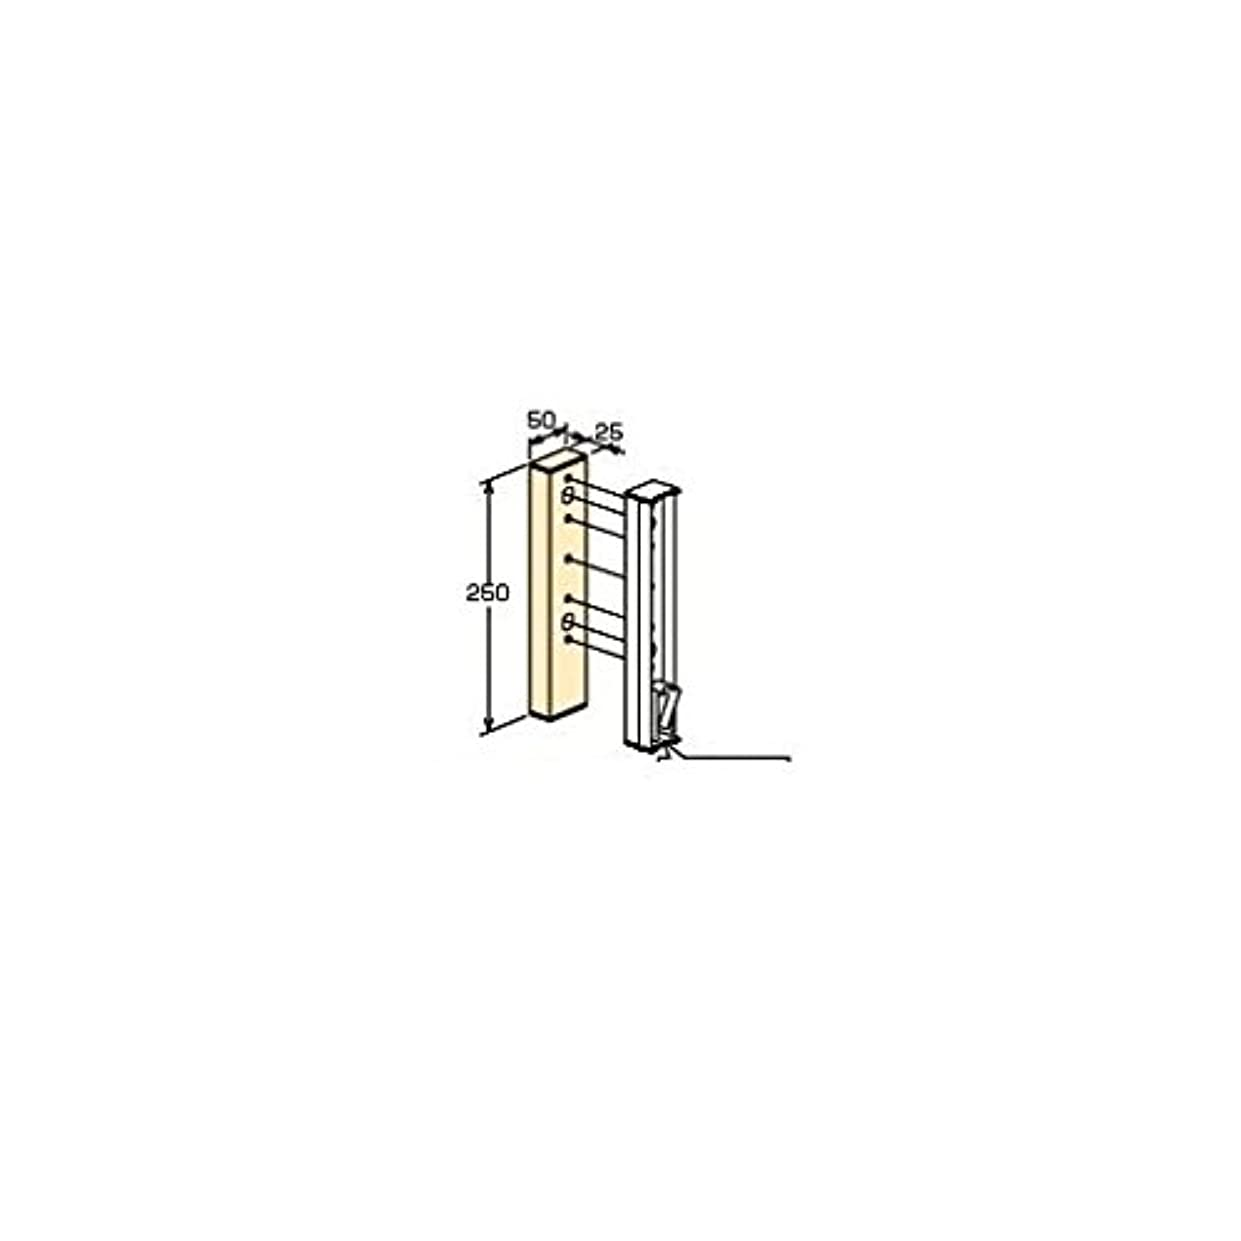 冷凍庫細分化するクルーBL67238 ホスクリーン 【1袋】